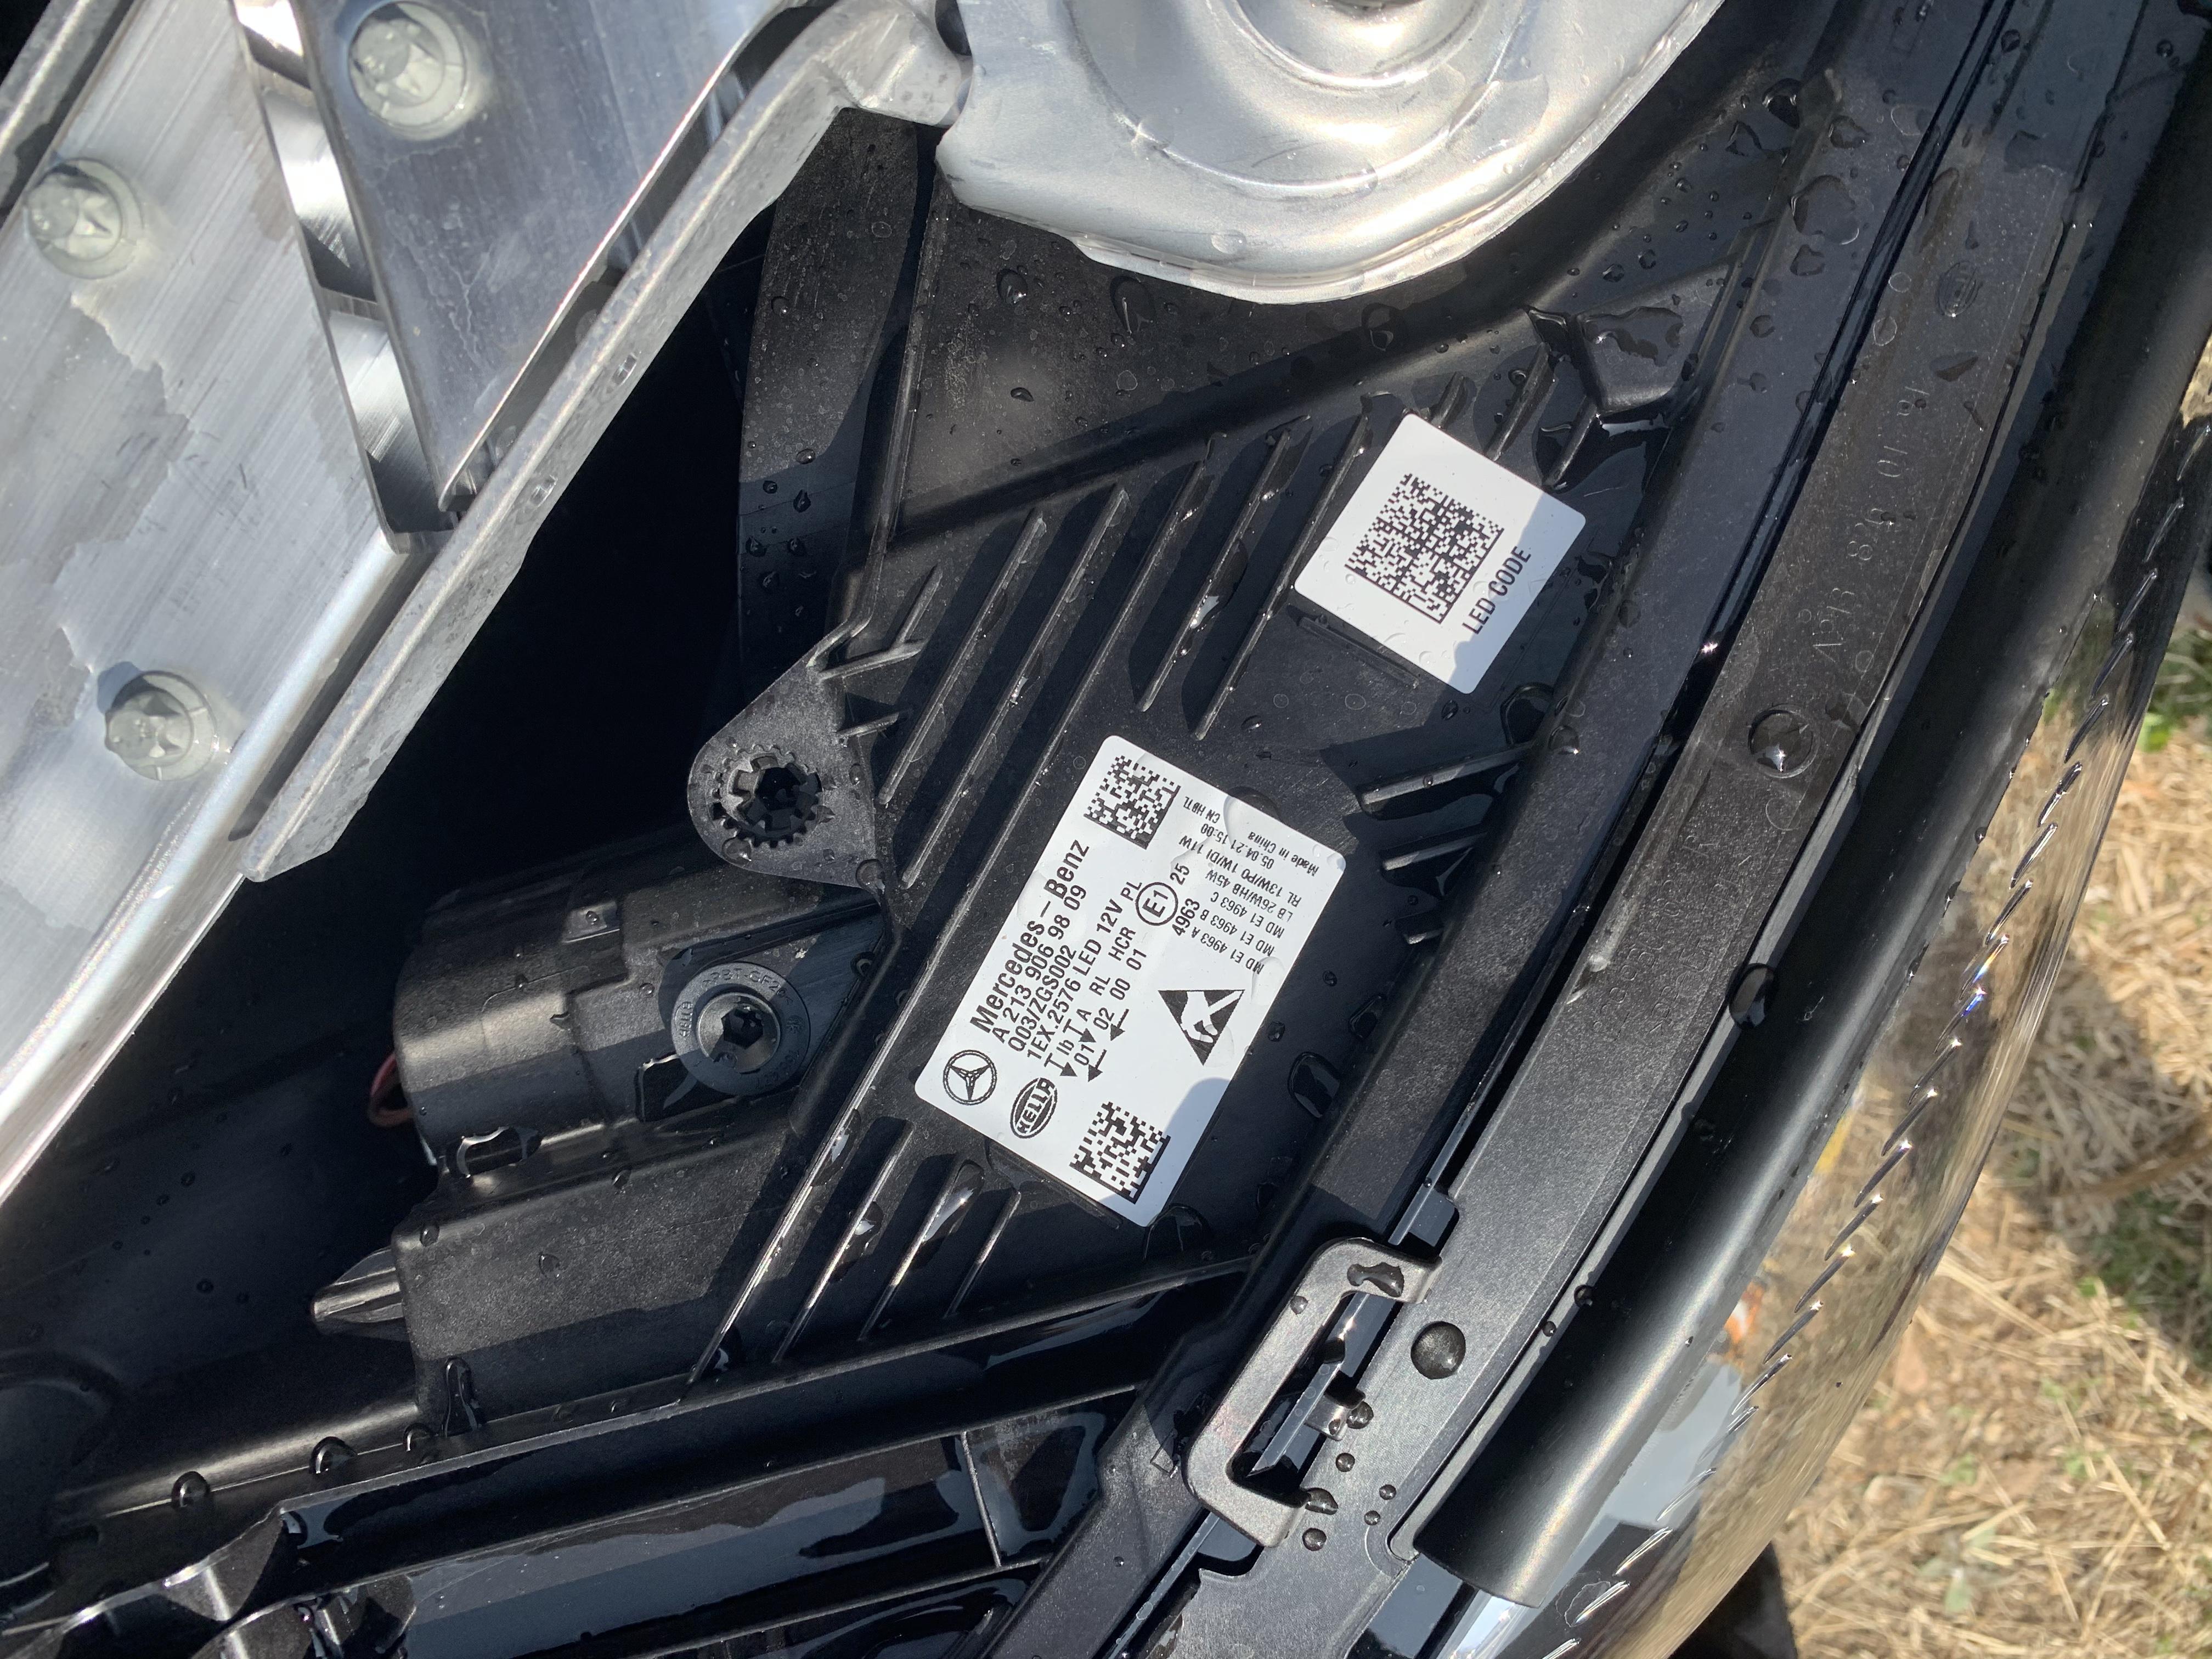 奔驰-E级新车异响、刹车异响、漆面瑕疵,寻求解决